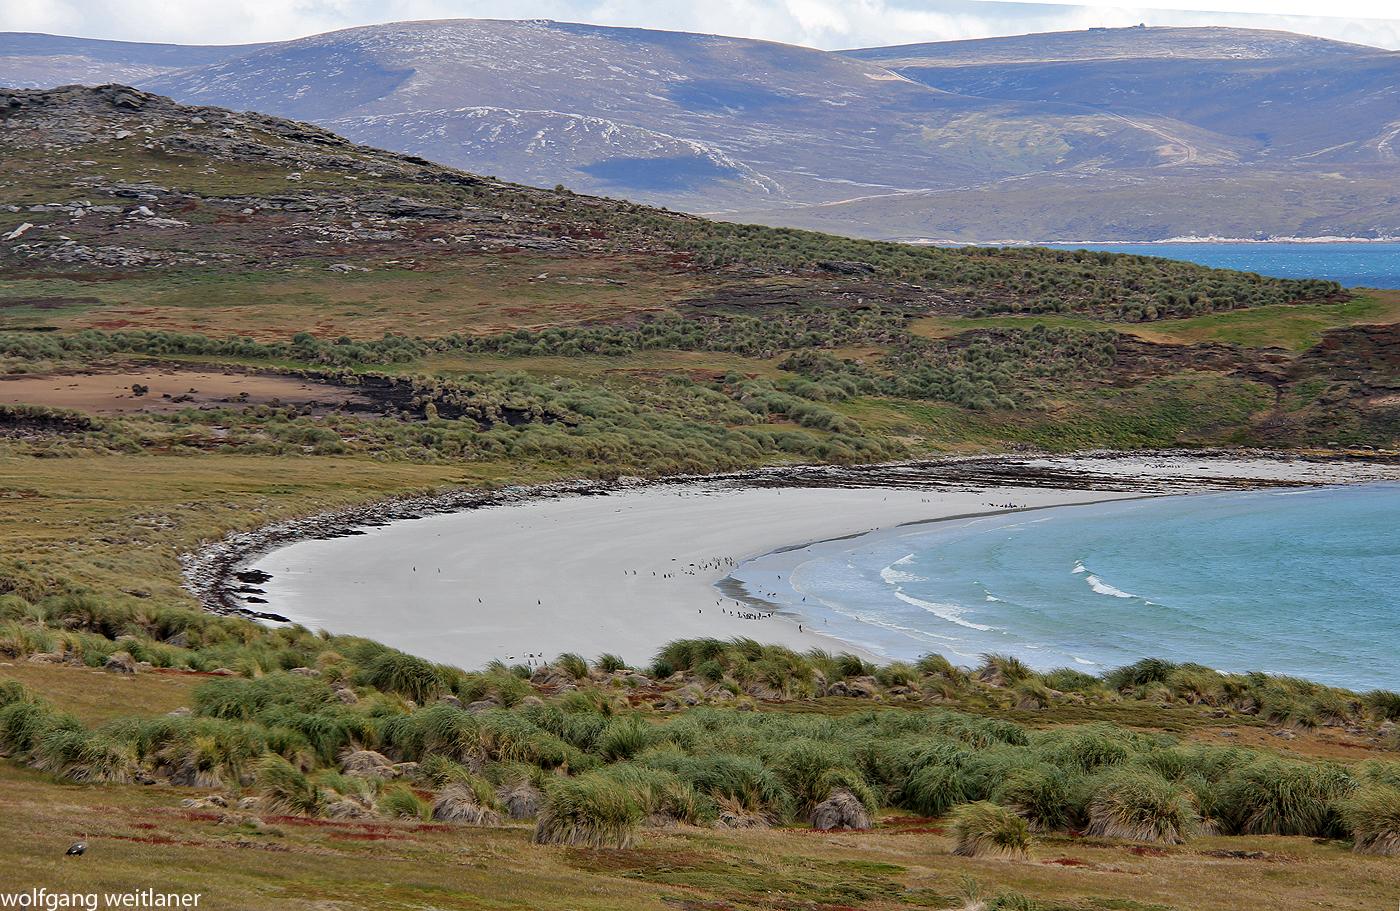 Carcass Island, Falkland Inseln, Südatlantik